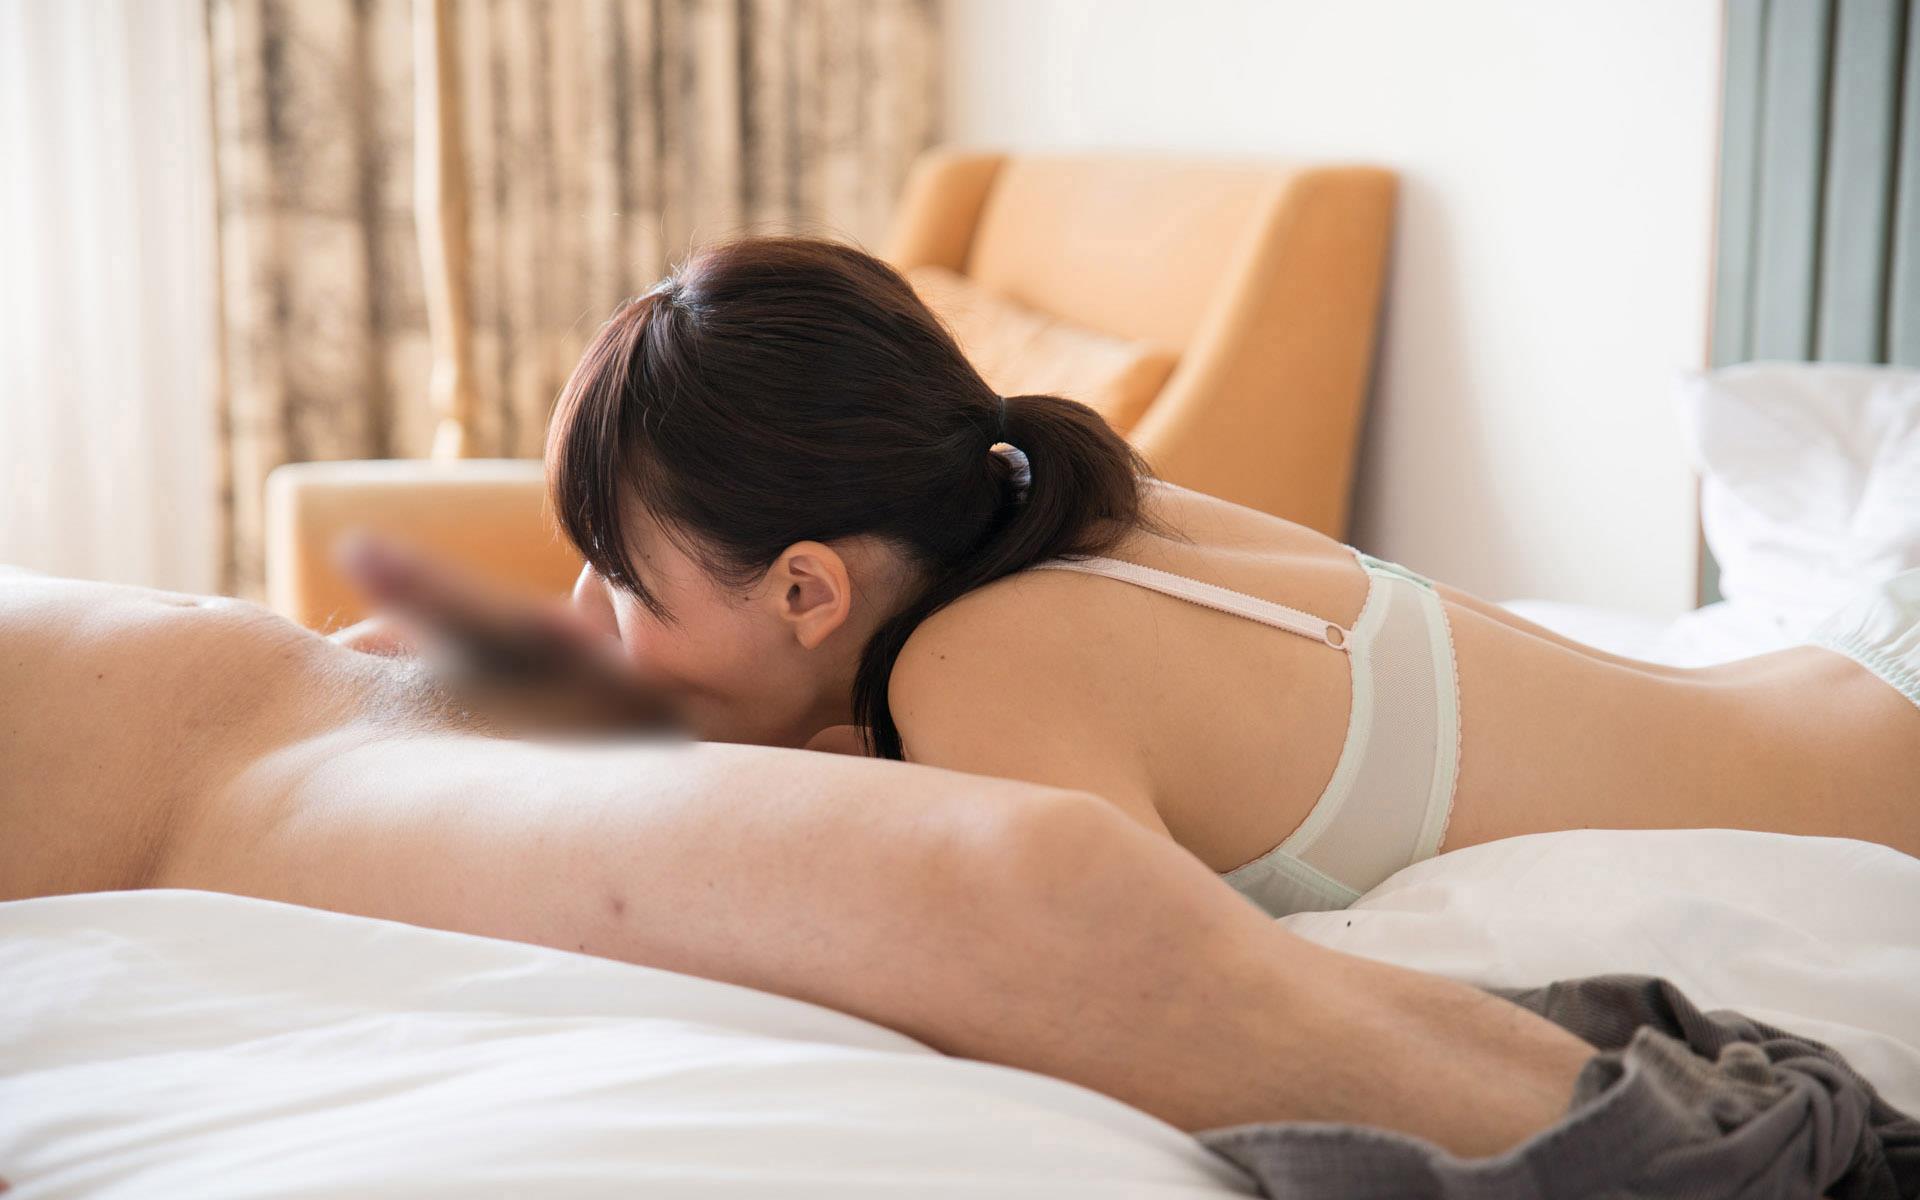 浜崎真緒(はまさきまお) ロリ顔ポニーテール、色白柔らかそうなおっぱいに包まれるセックスAV女優画像 143枚 No.132